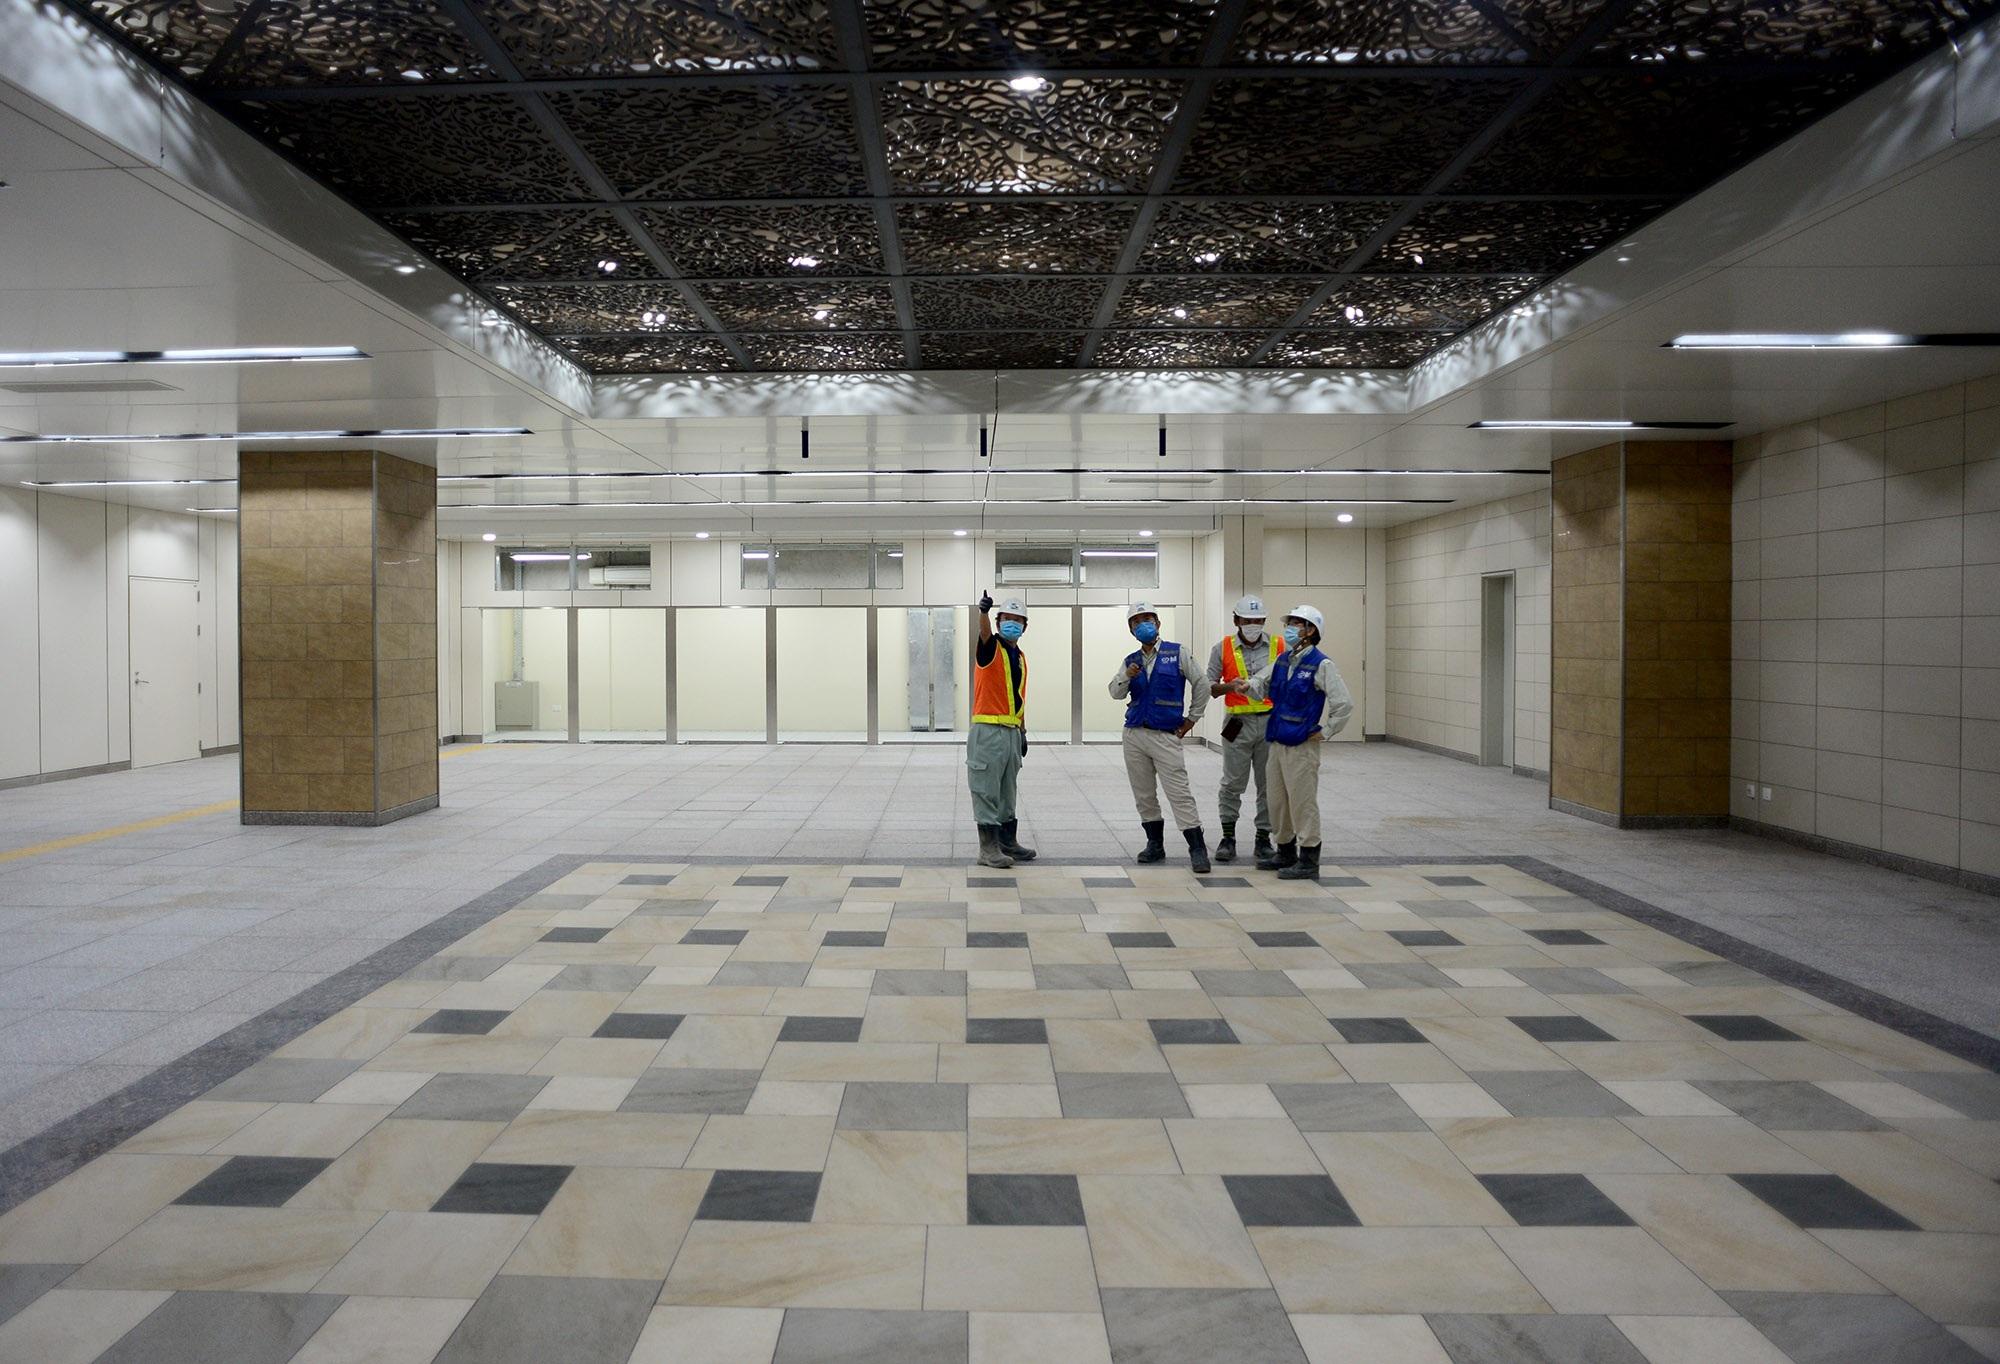 Ngắm toàn cảnh tuyến metro đầu tiên của TPHCM - 5